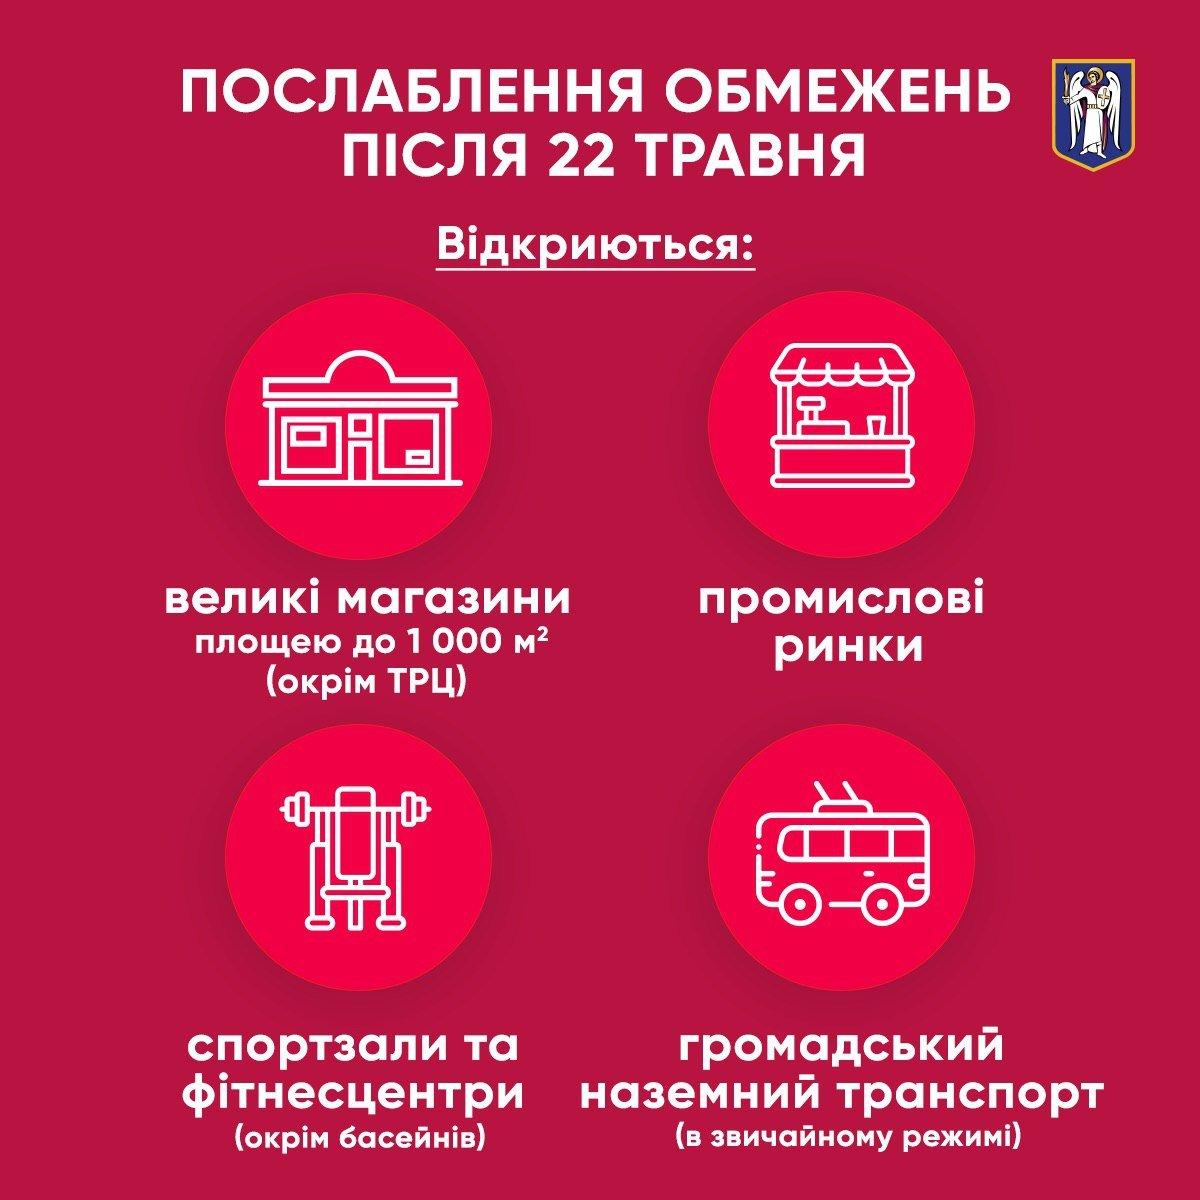 З 22 травня у Києві послаблять карантин